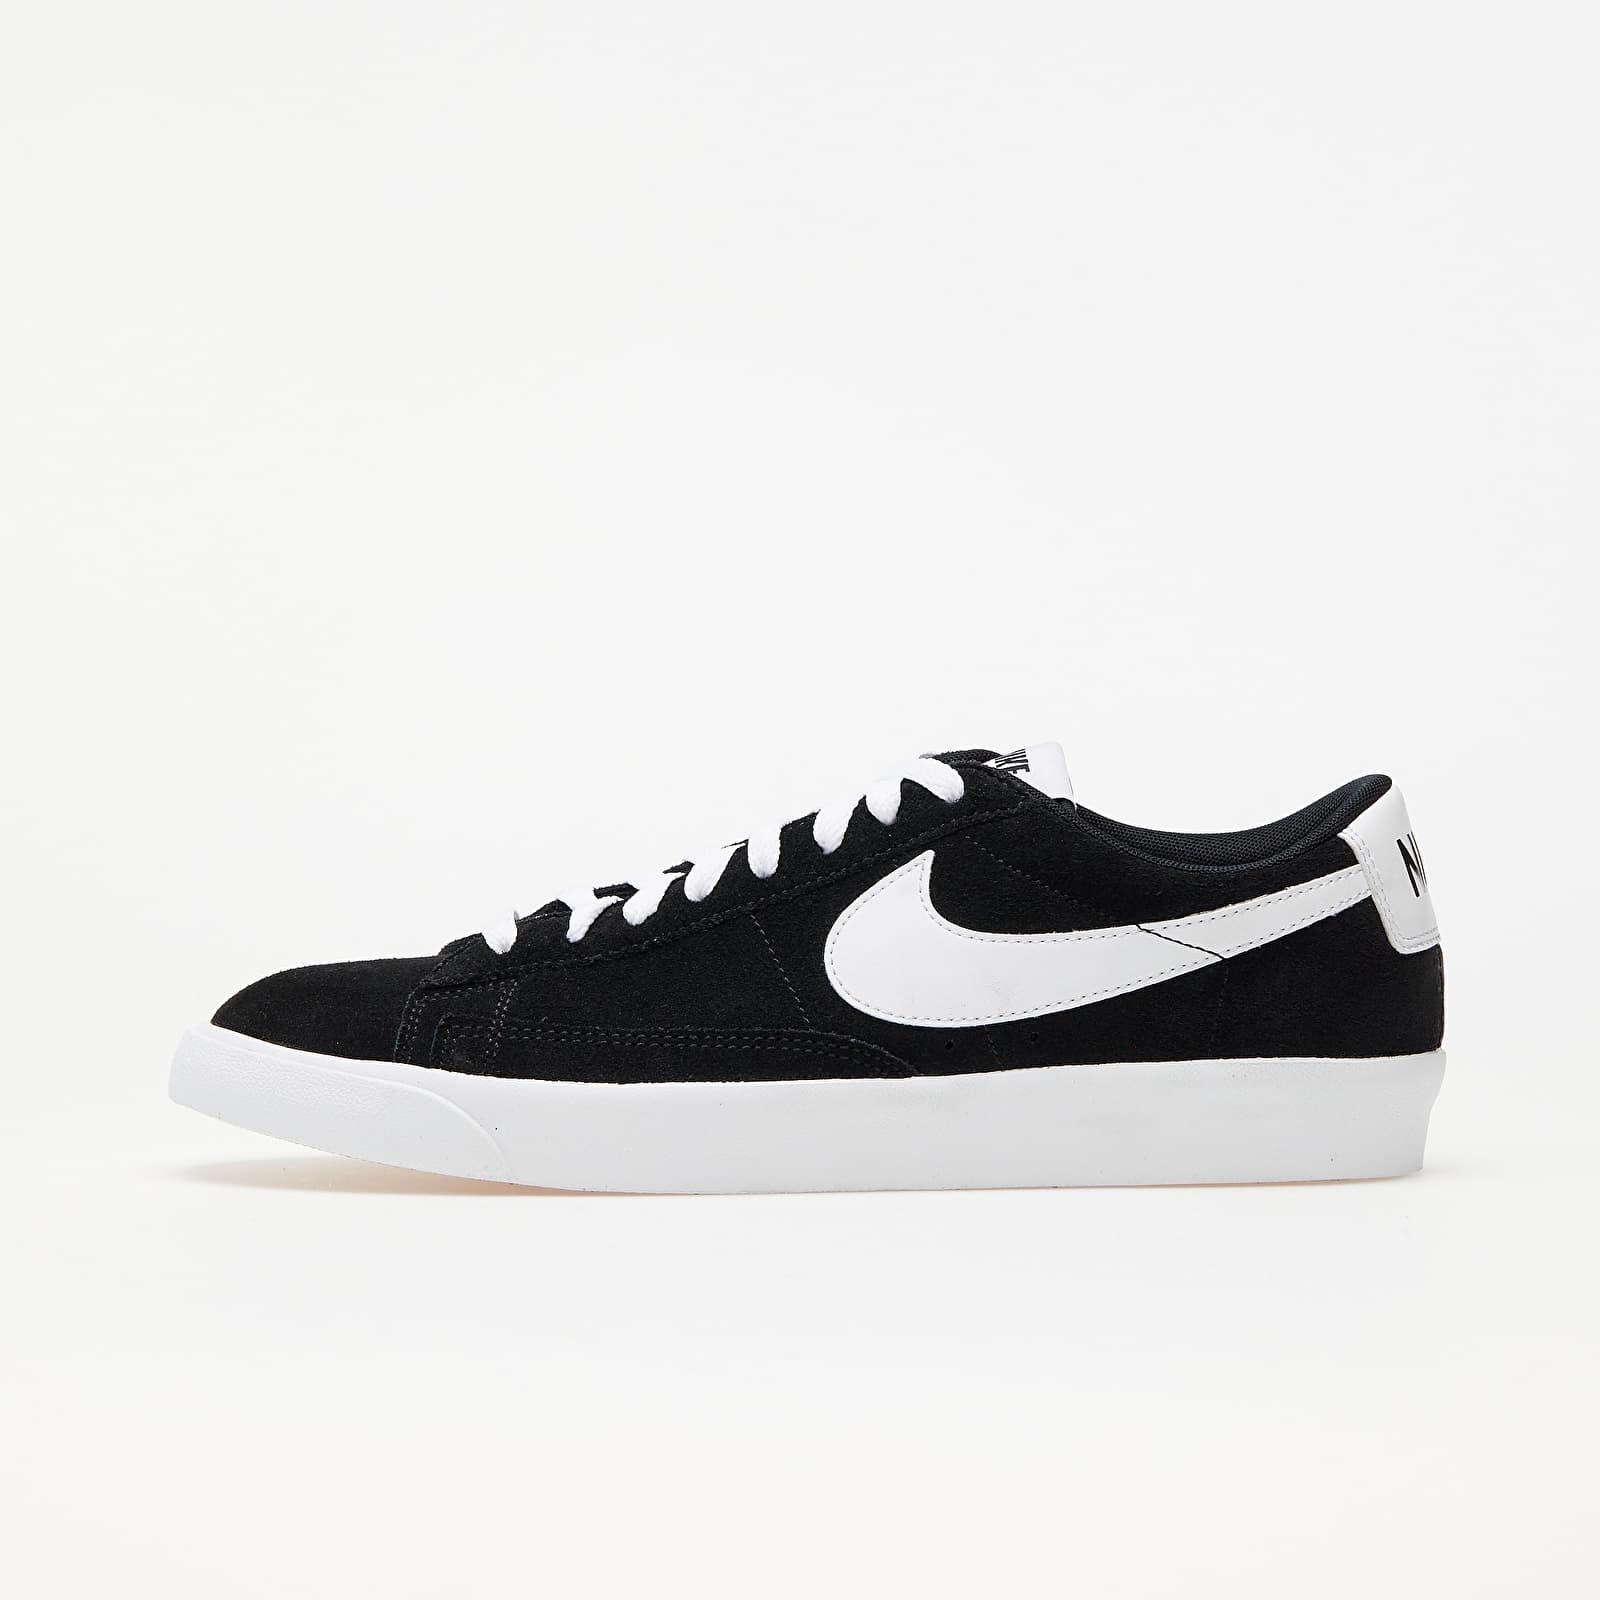 Nike Blazer Low Premium Vntg Suede Black/ White   Footshop